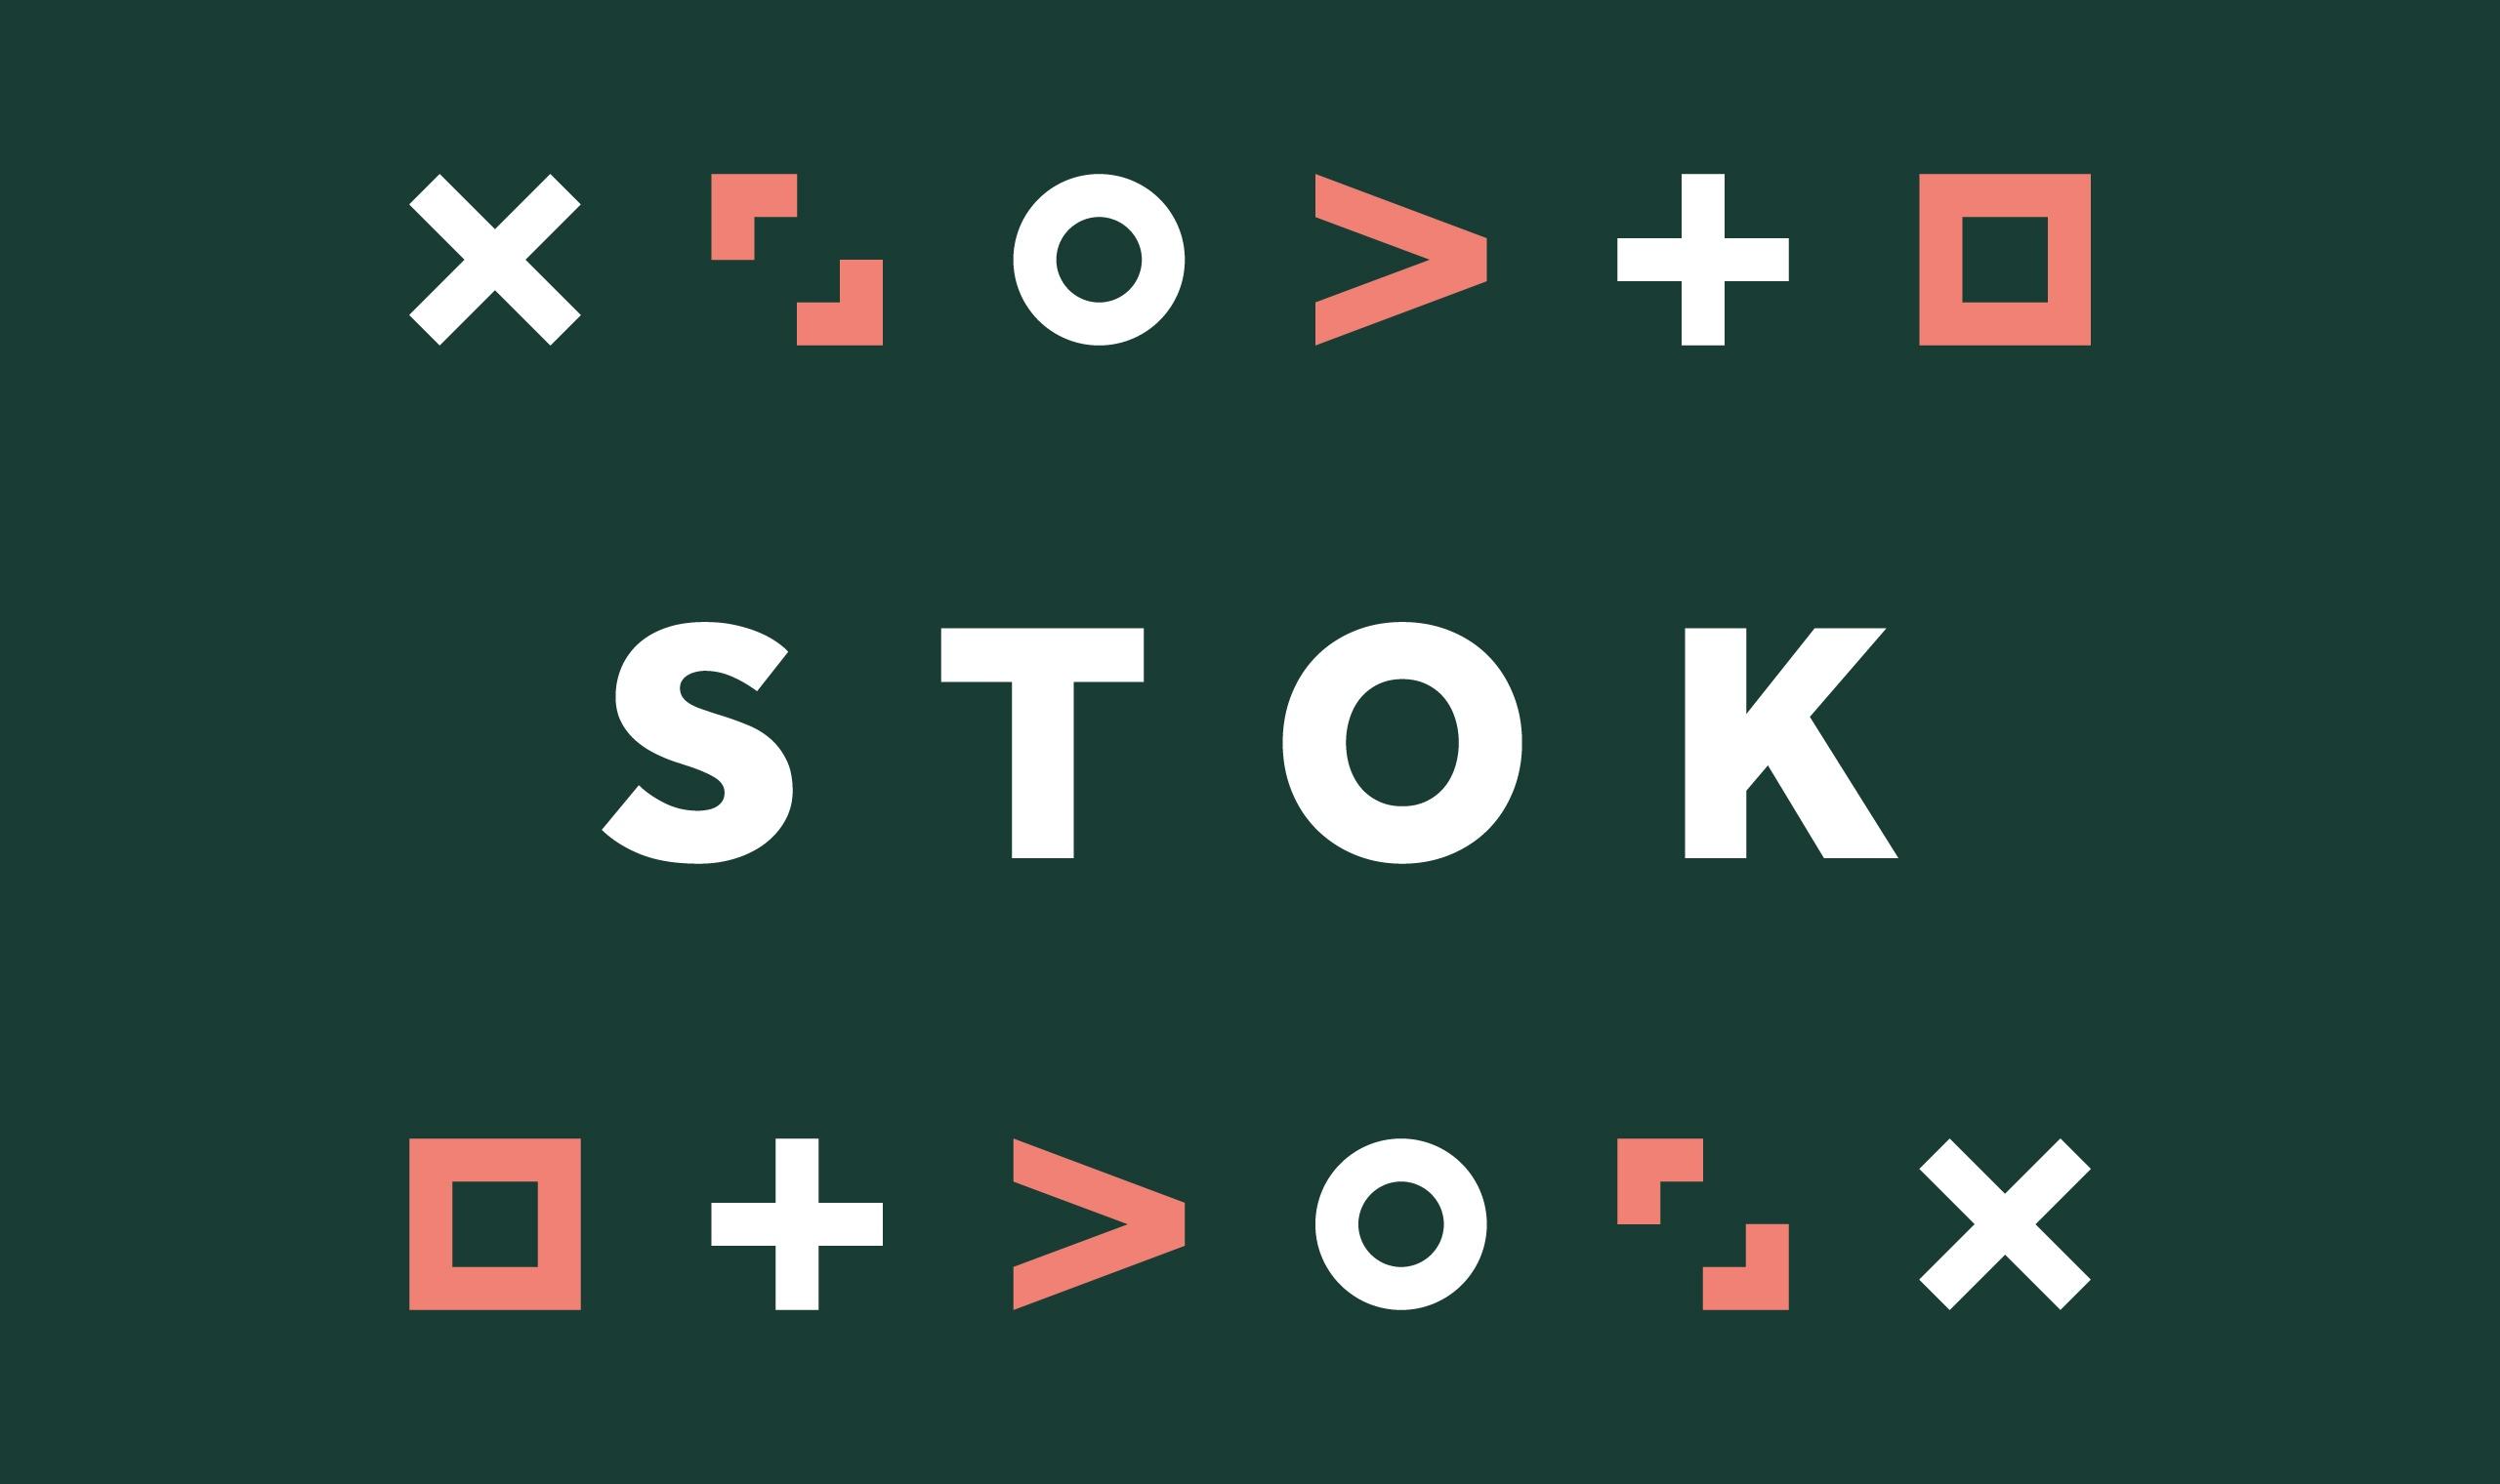 STOK Stockport Manchester Branding